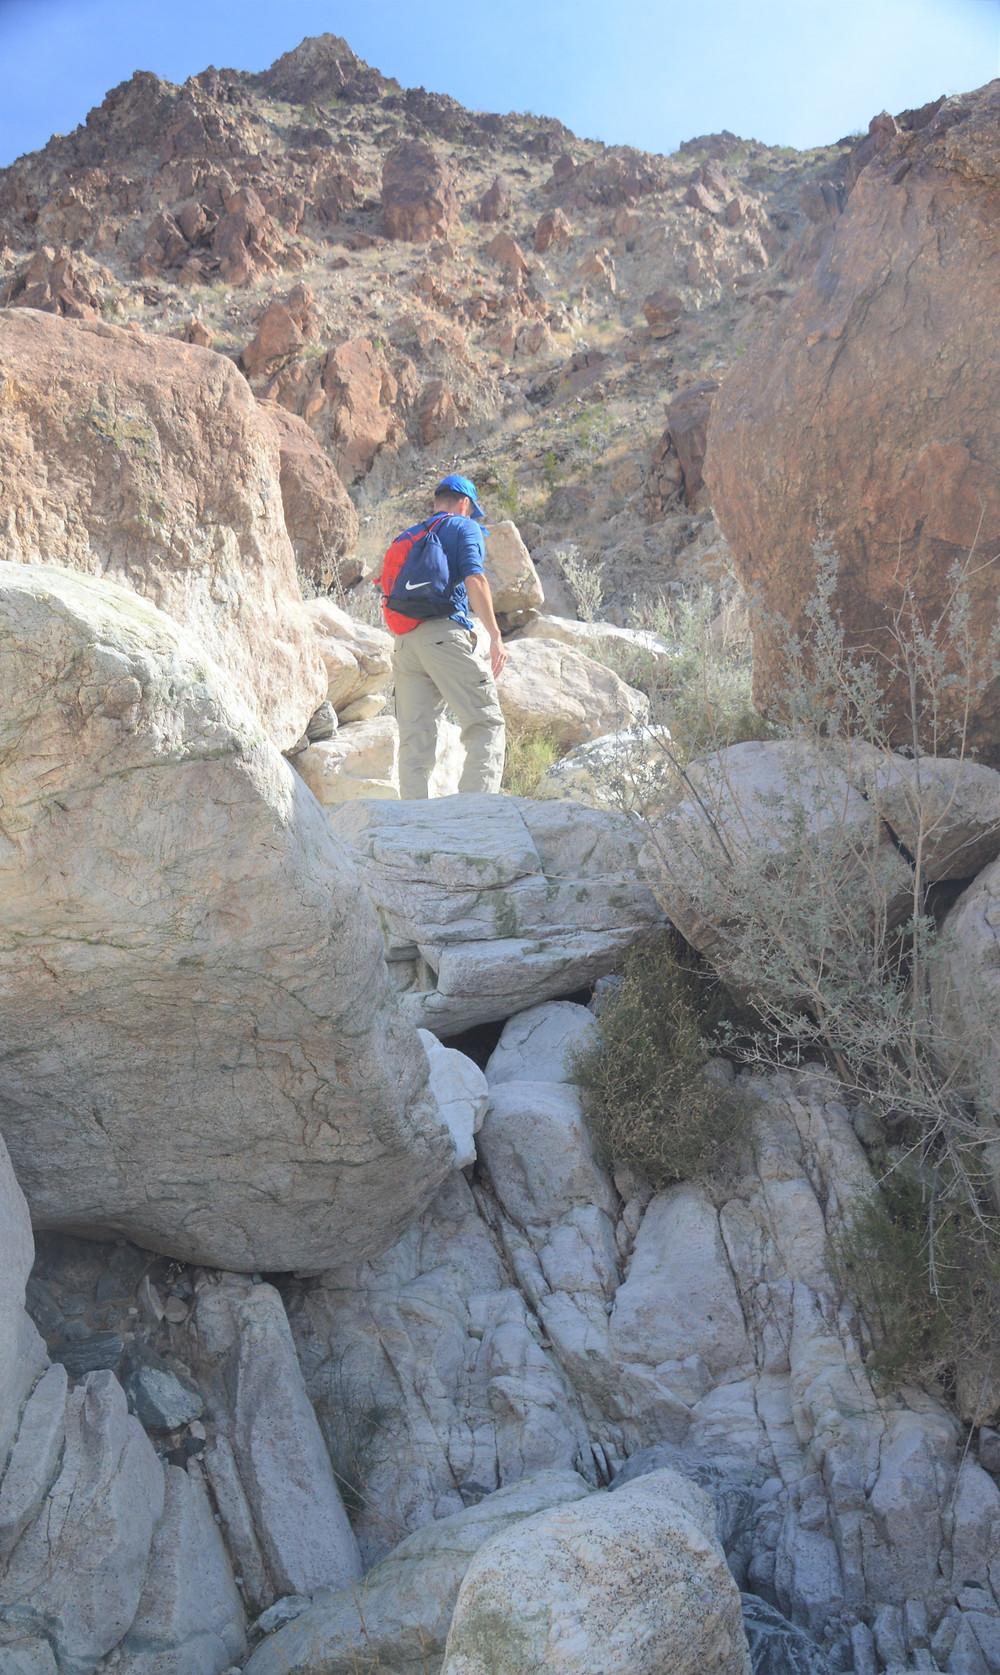 Hiking through ravine to reach Pinto Mountain summit in Joshua Tree National Park